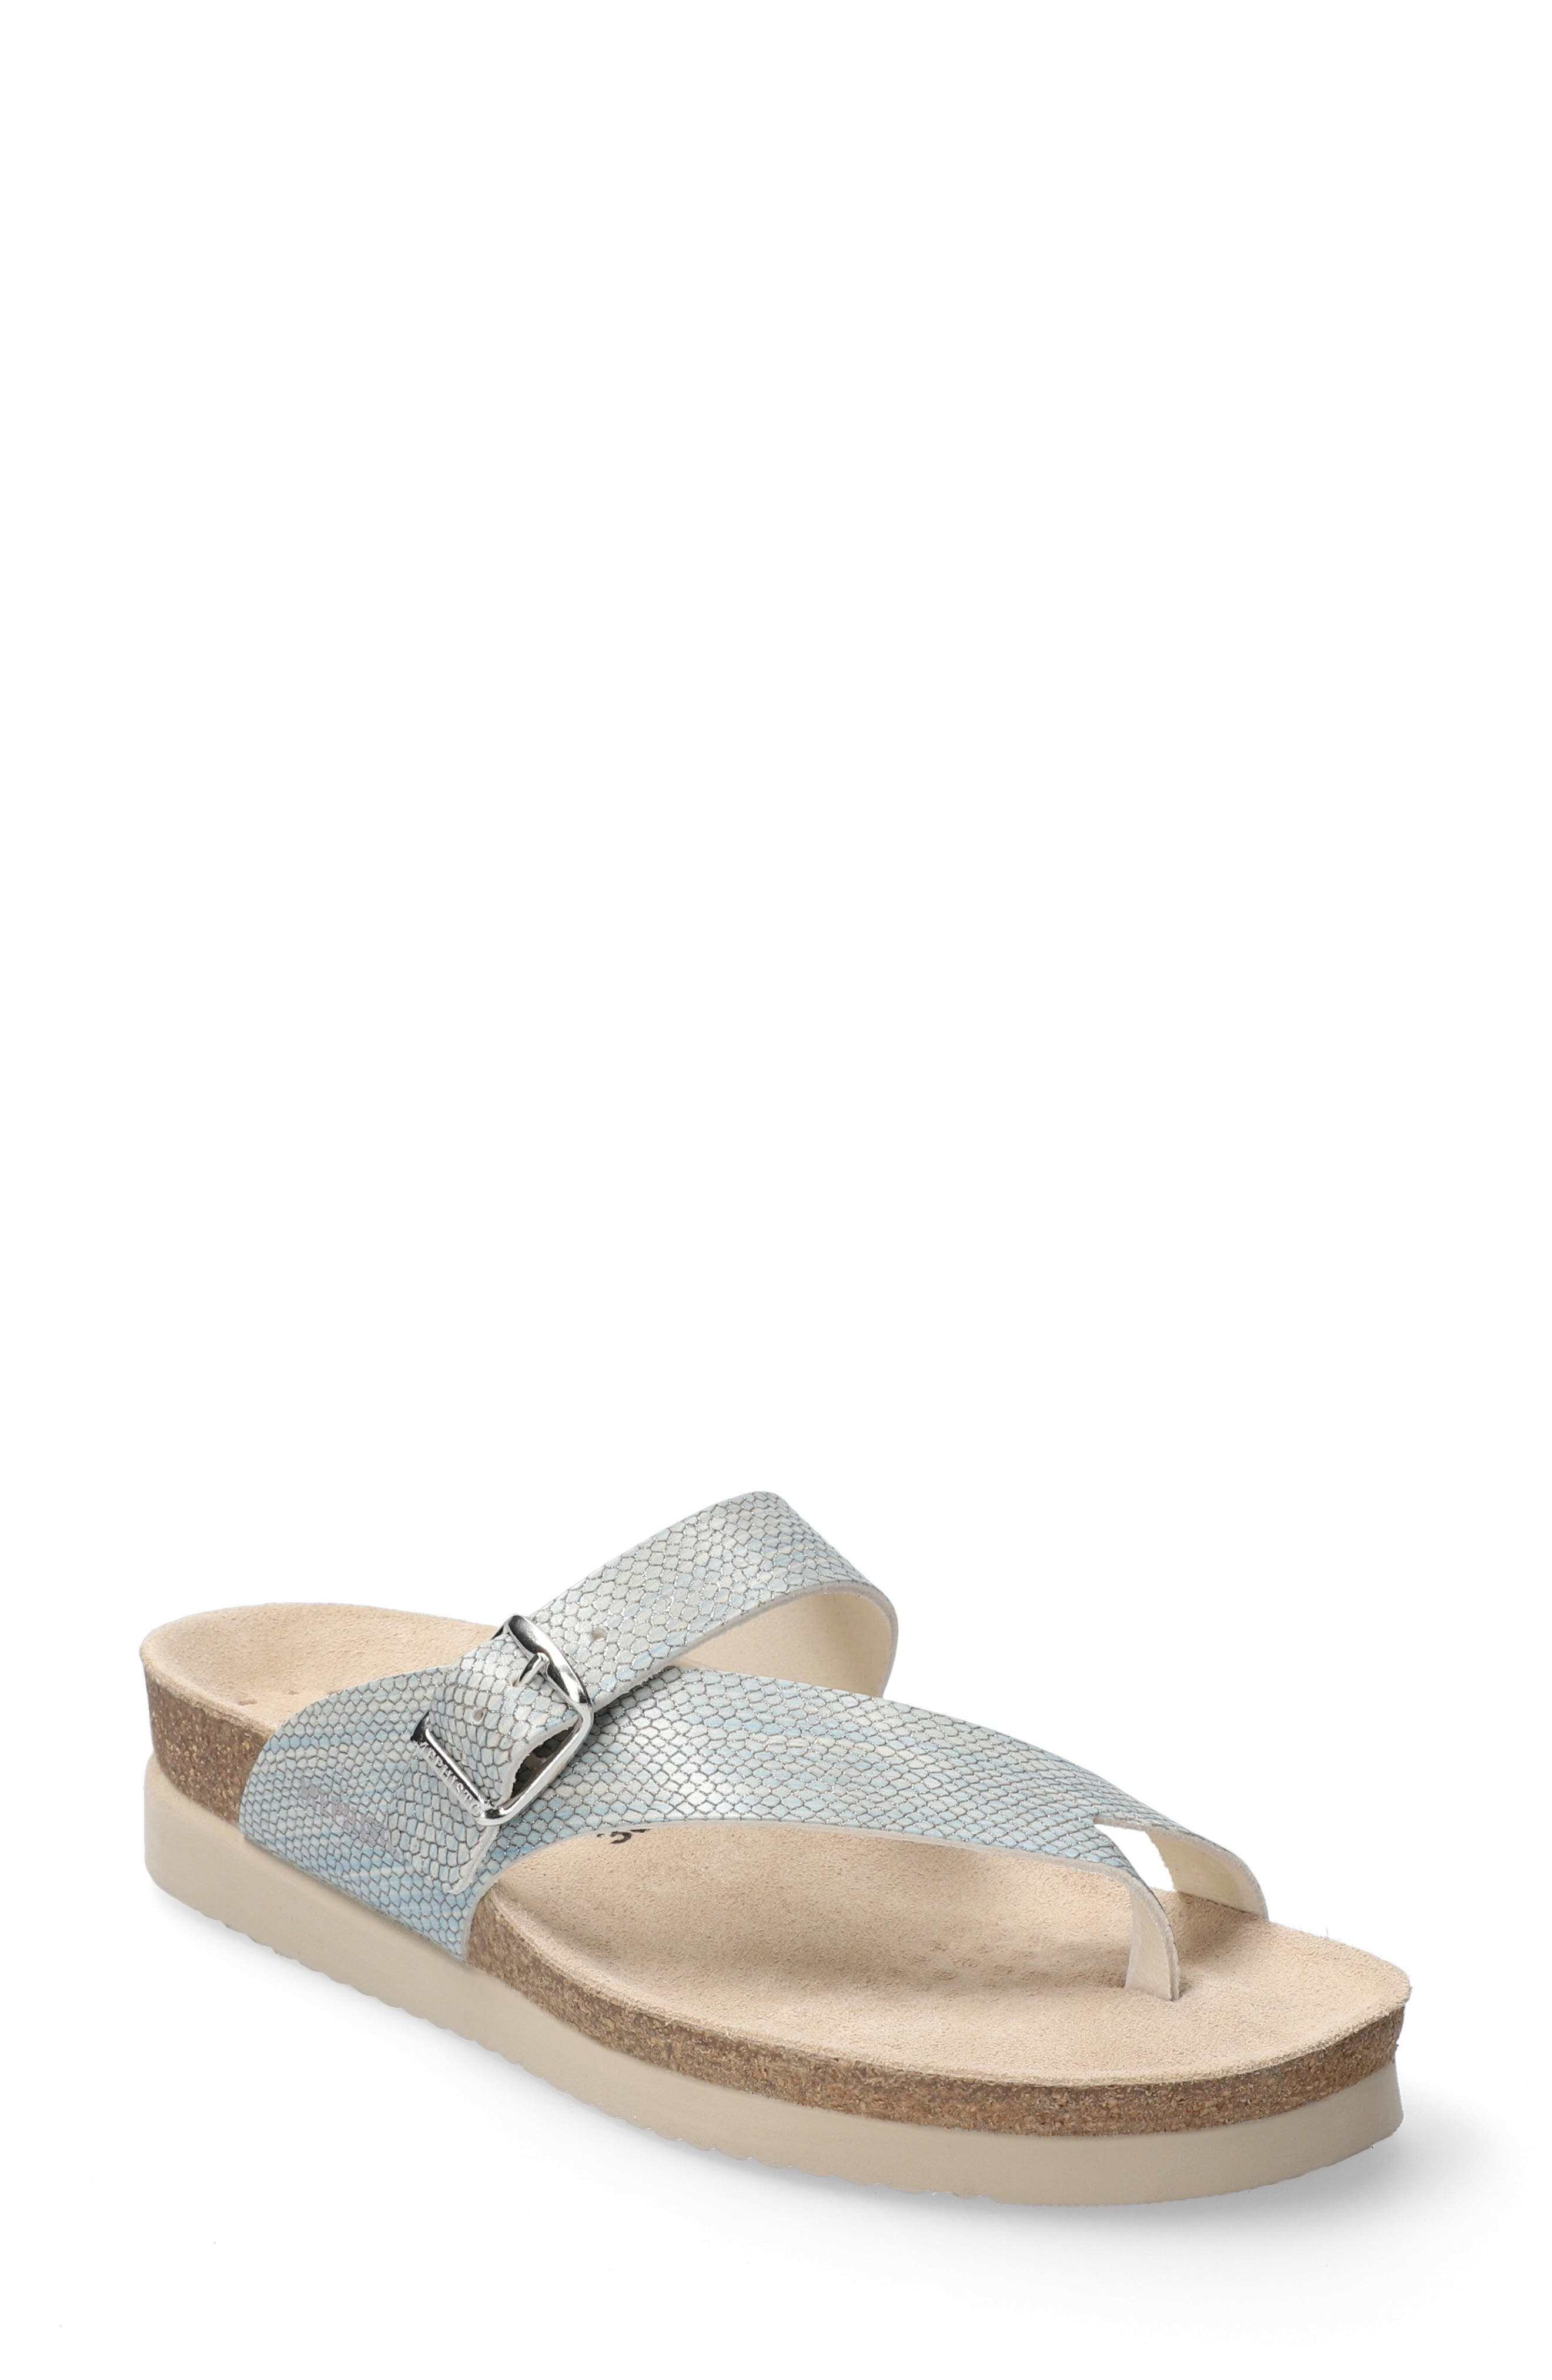 'Helen' Sandal